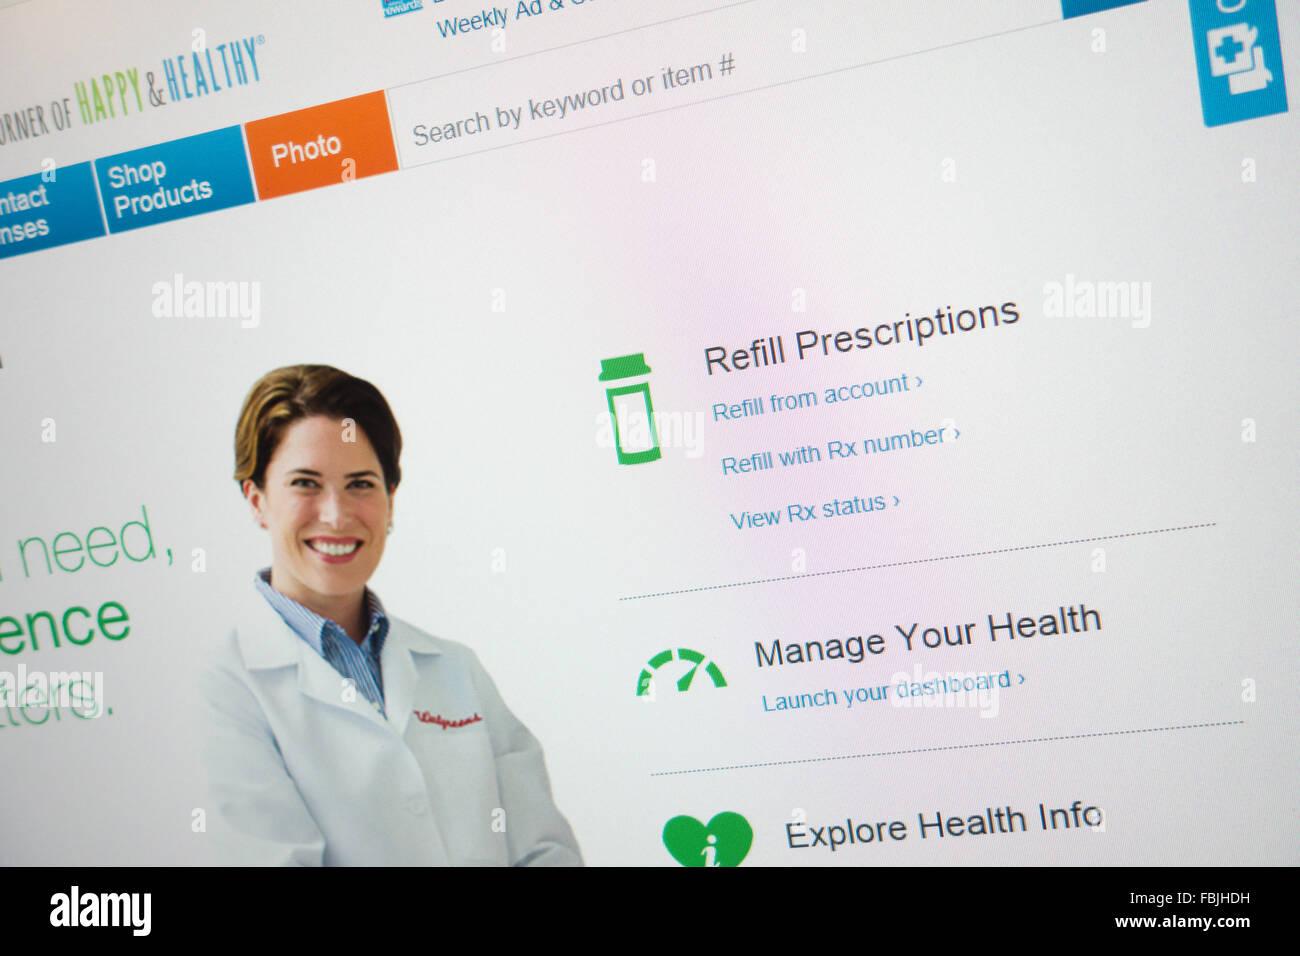 Sitio web de prescripción online Imagen De Stock